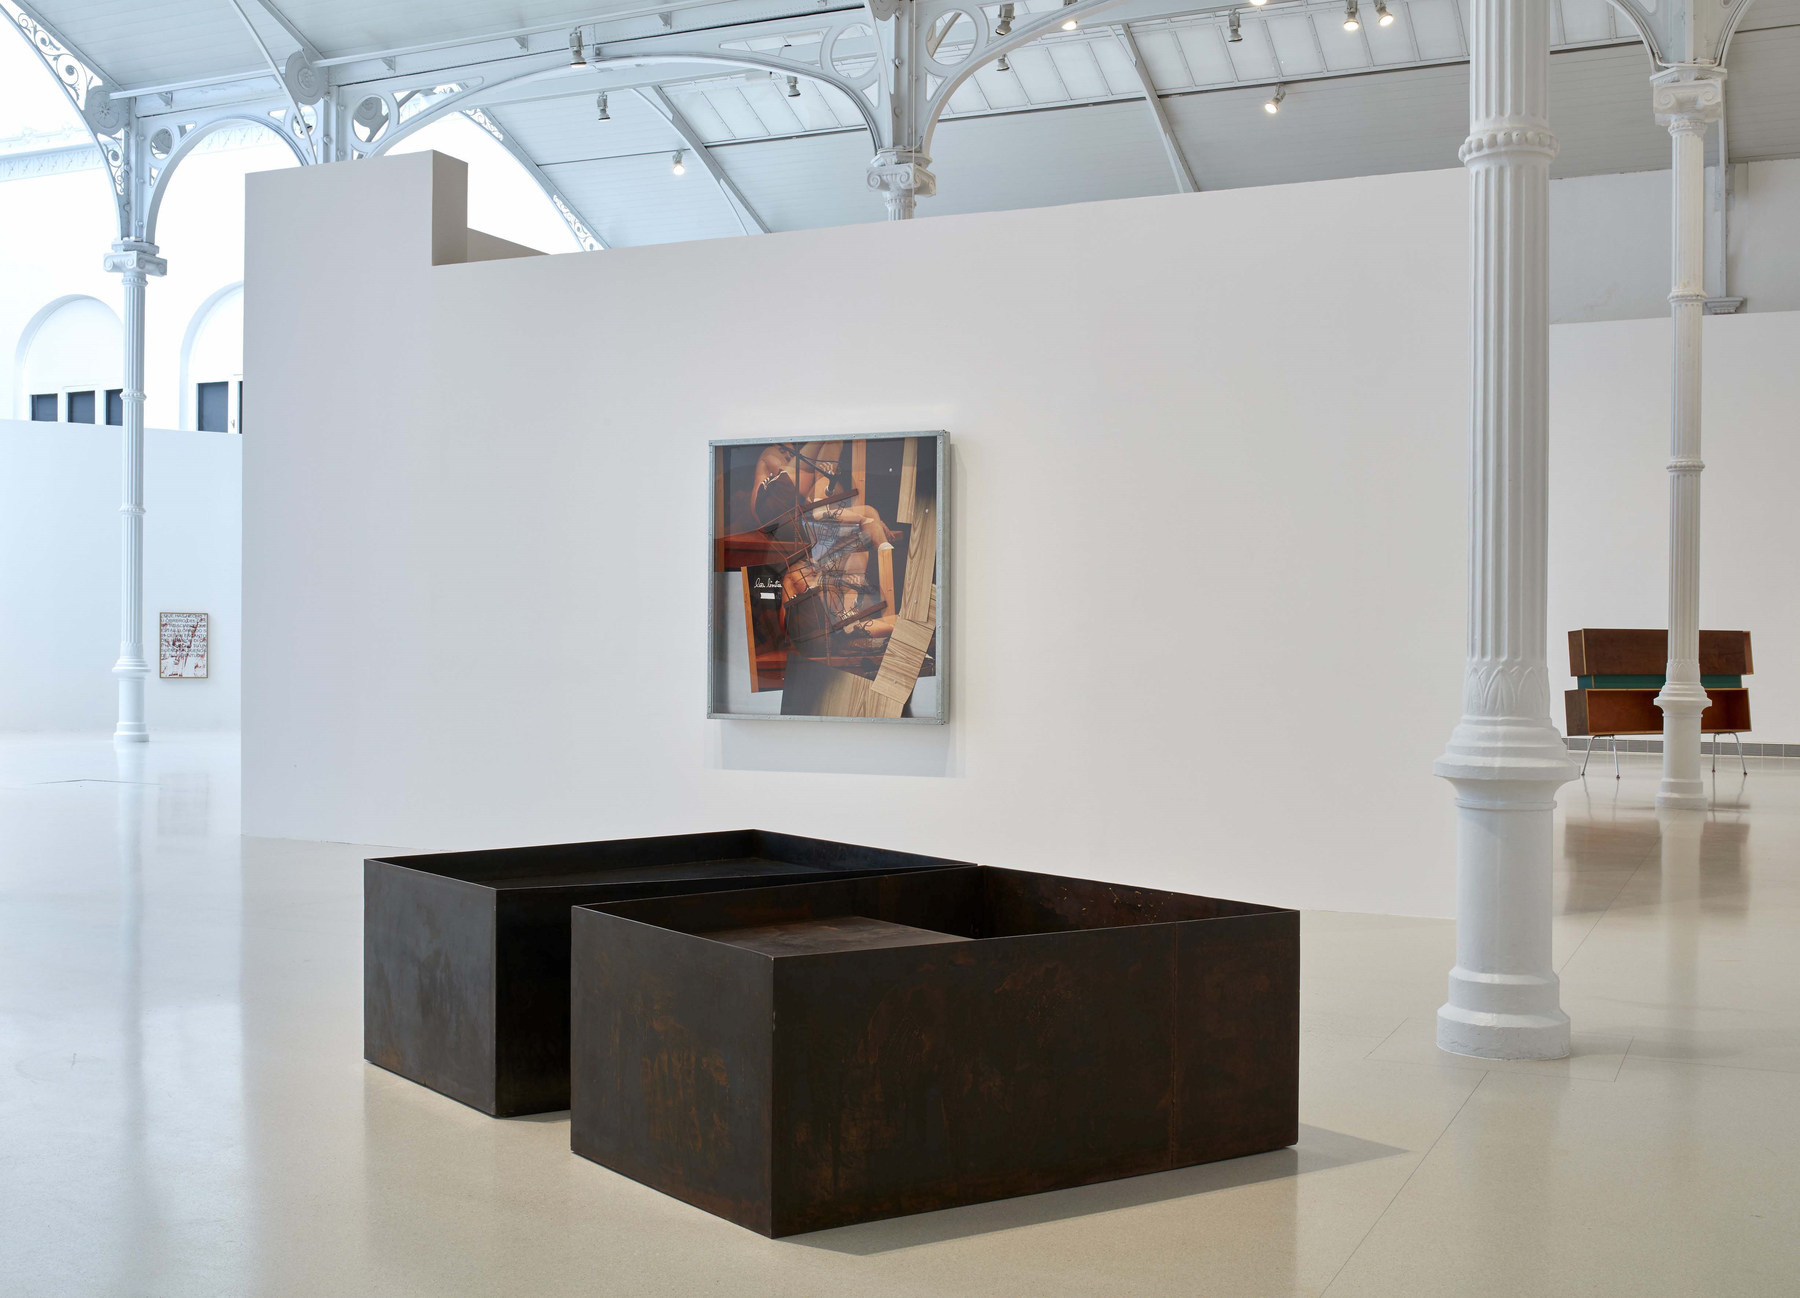 Txomin Badiola at Museo Nacional Centro de Arte Reina Sofía 05